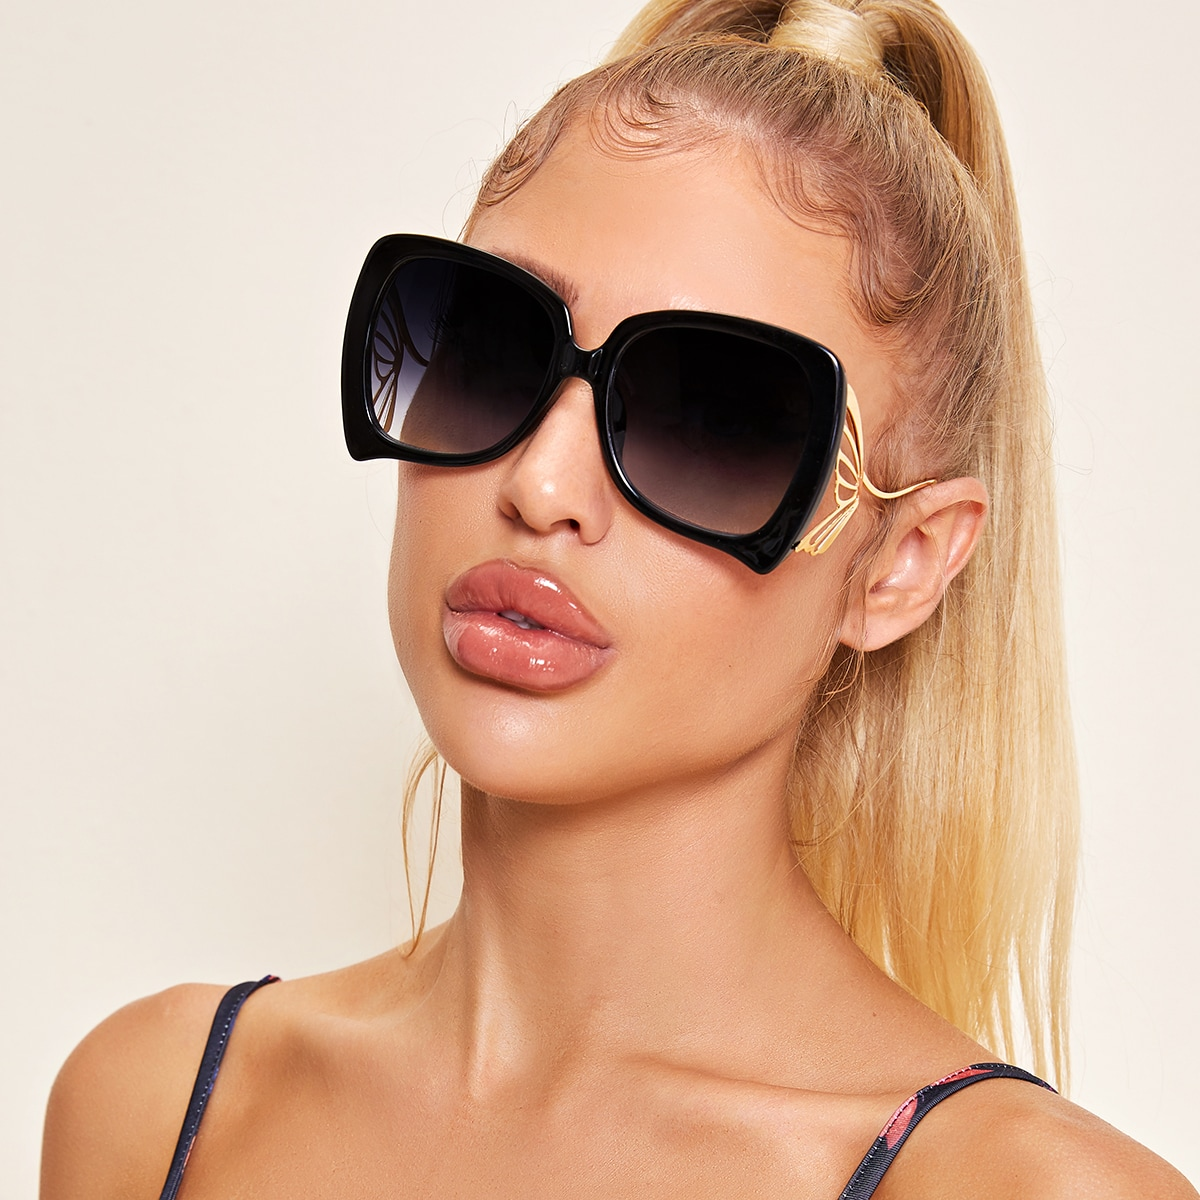 Солнечные очки в форме бабочки фото